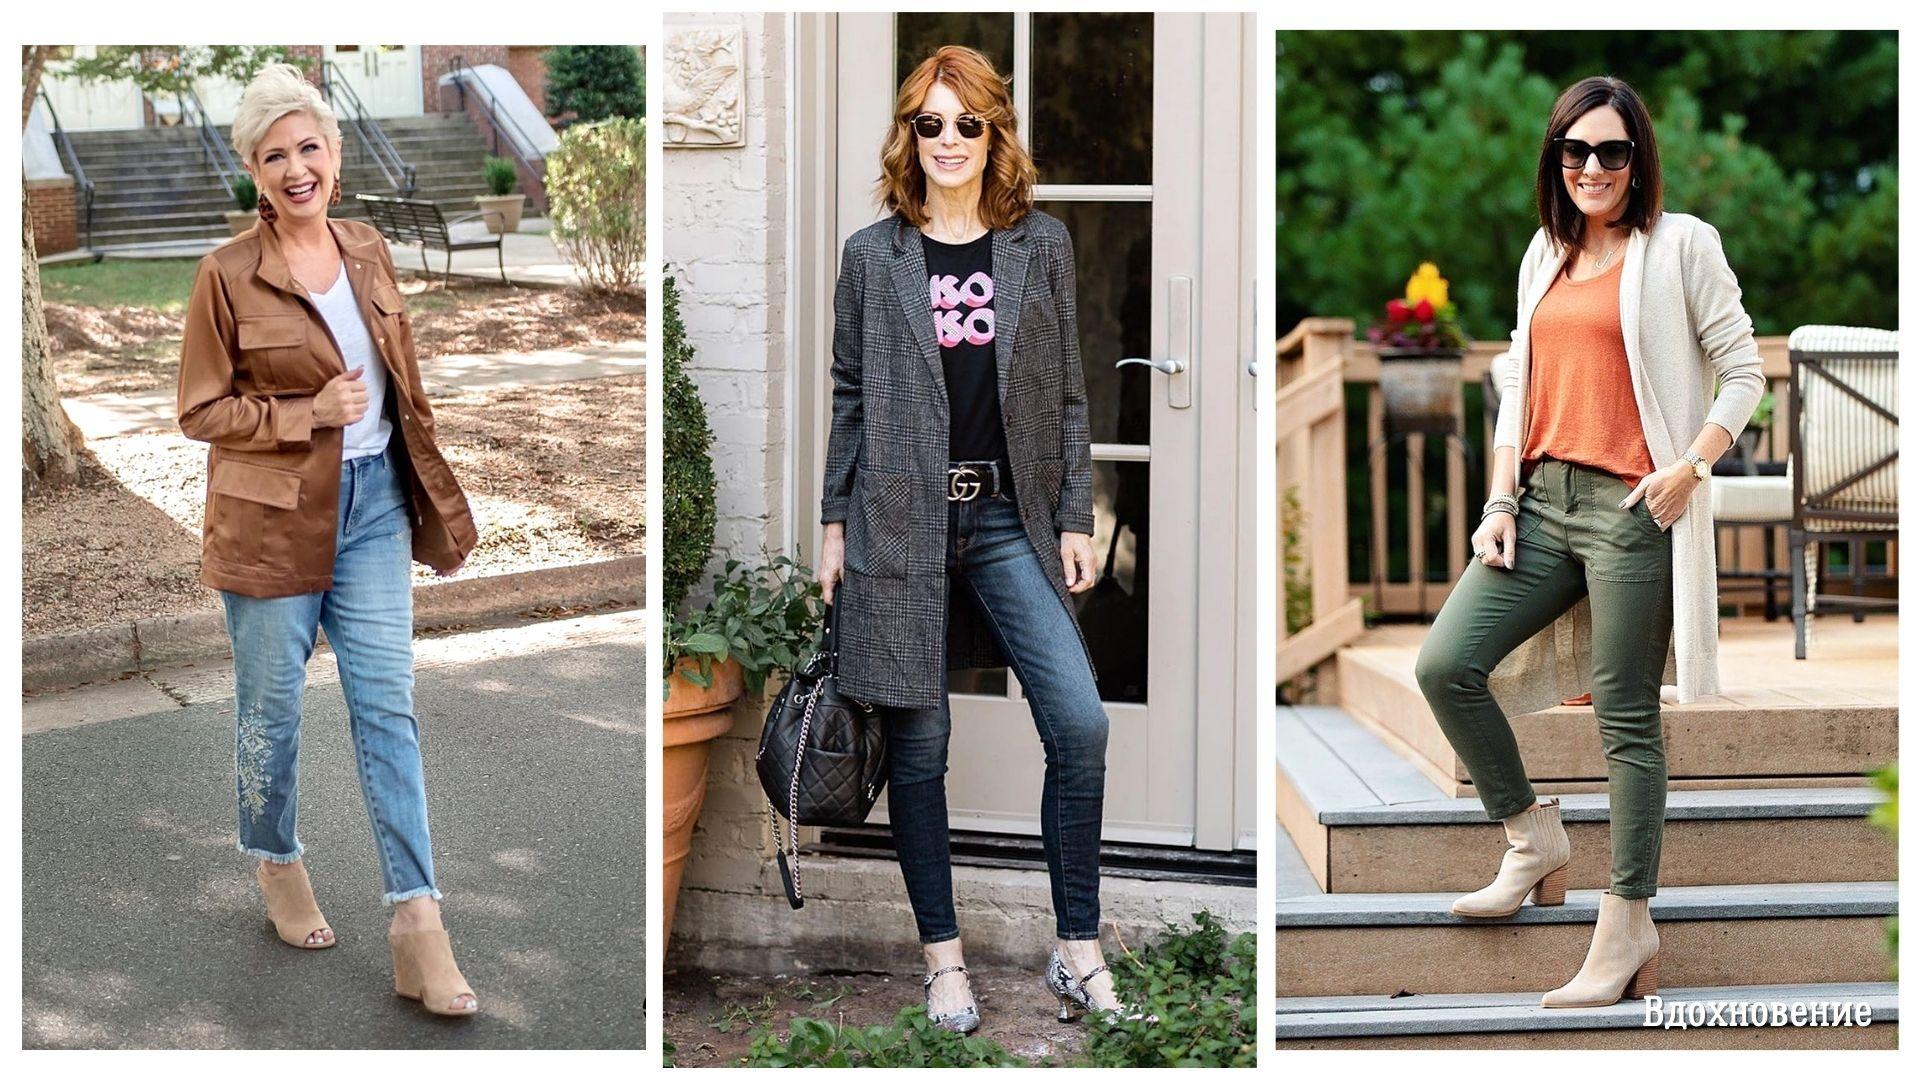 Базовый гардероб для женщин элегантного возраста: 10 стильных решений на осень 2021